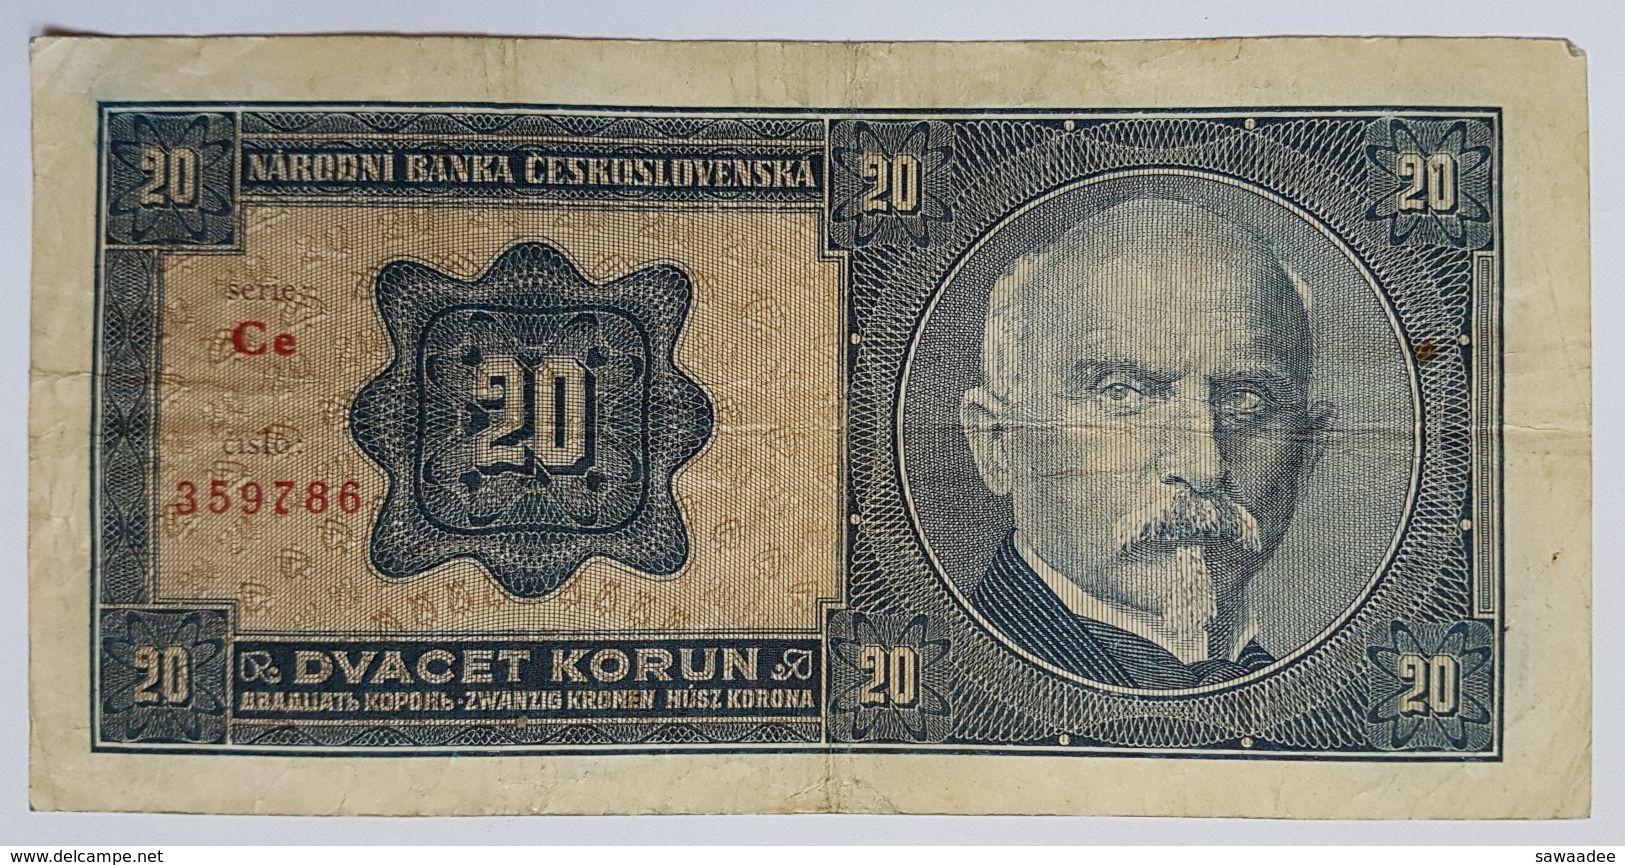 BILLET TCHECOSLOVAQUIE - P.21a - 20 KORUN - 1926 - PORTRAIT DU GENERAL STEFANIK - ARMOIRIE - Tchécoslovaquie